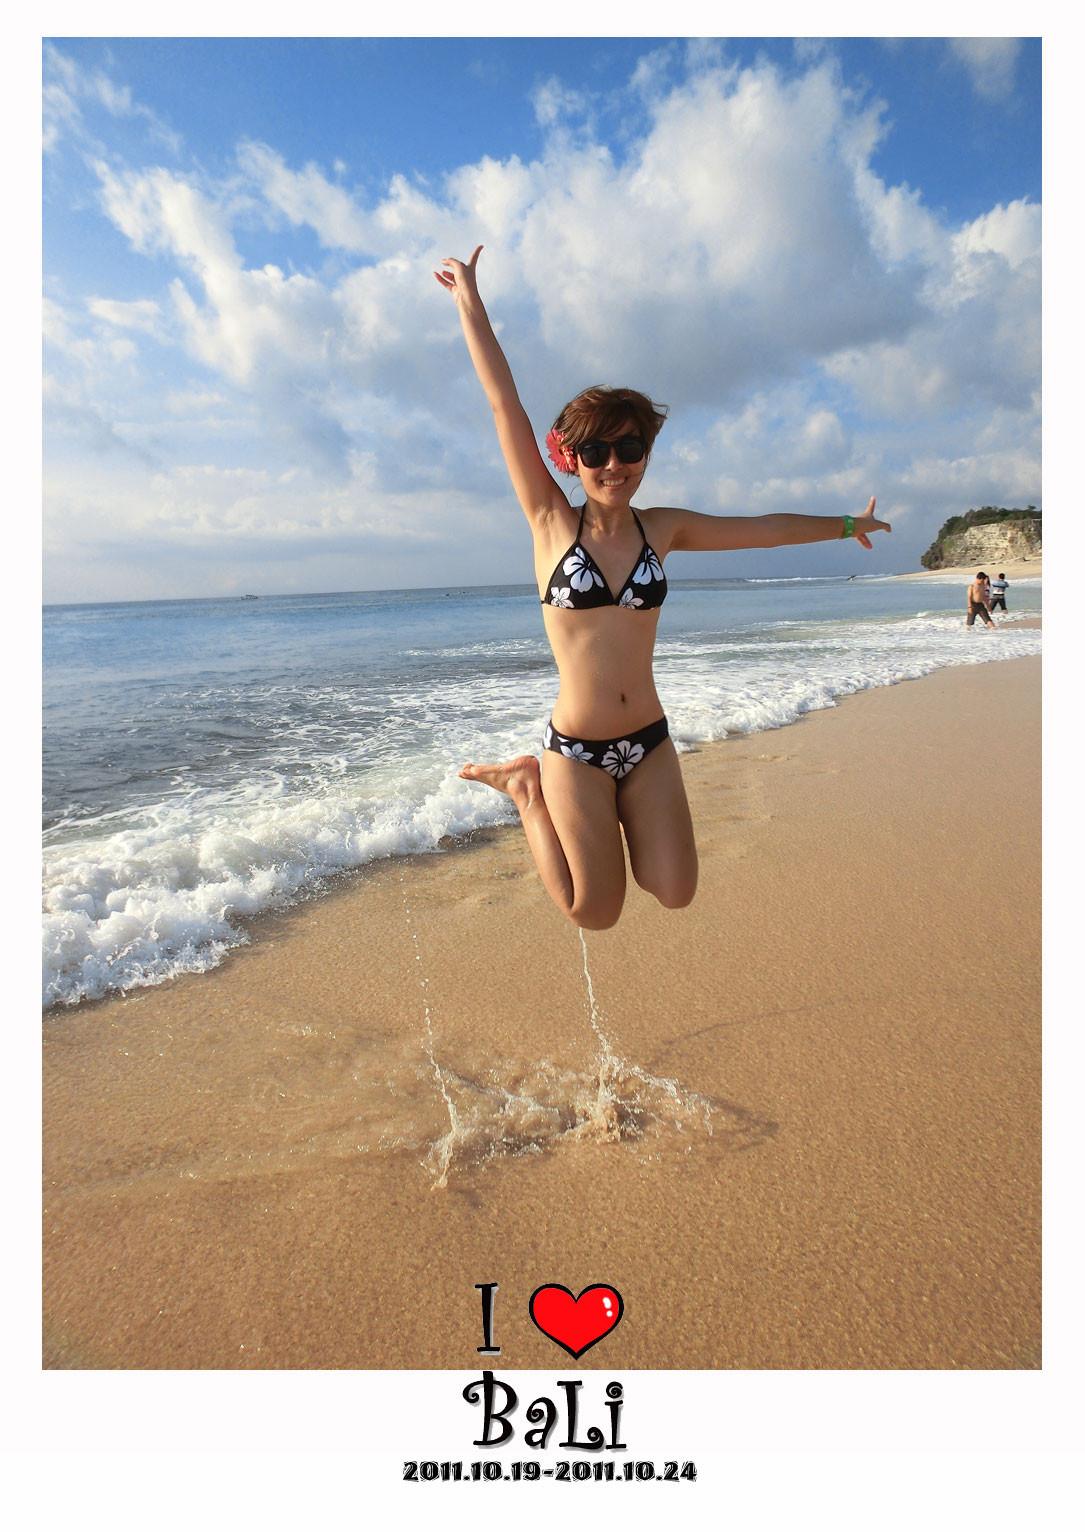 巴厘岛明星海滩,忘不掉的地方~ 2012年 06月01日 14:31